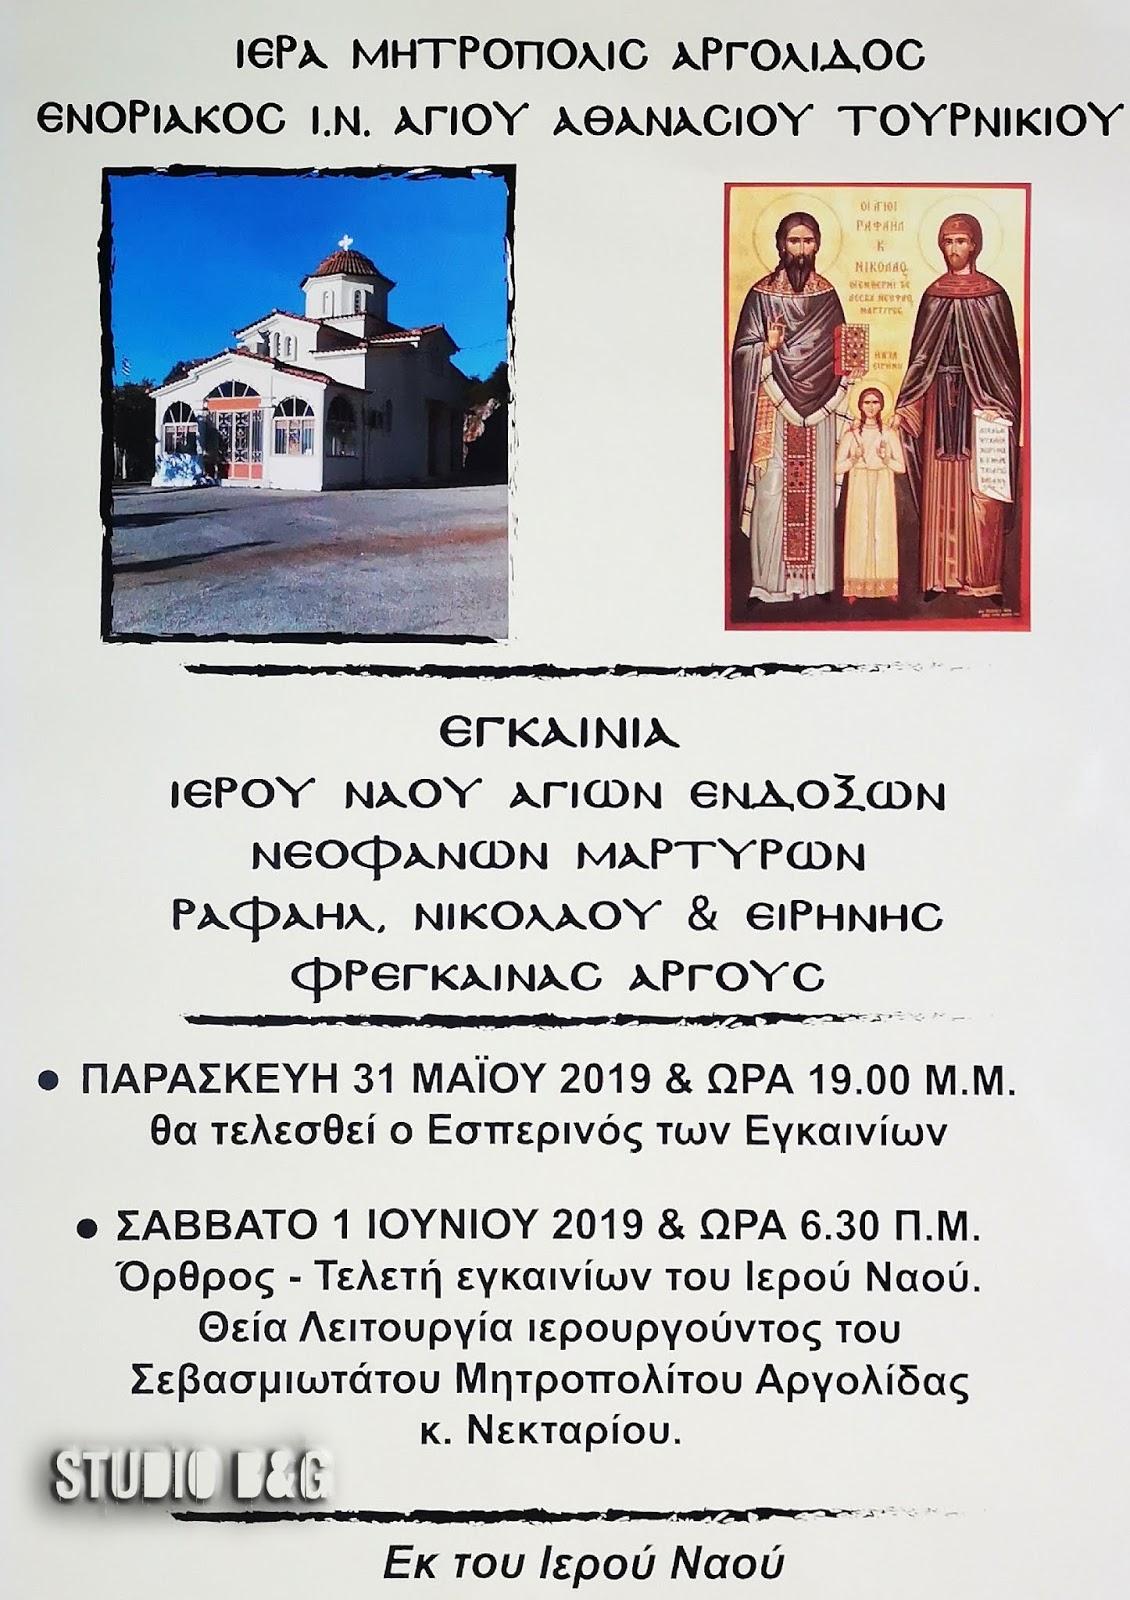 Εγκαίνια Ιερού Ναού Αγίων Ραφαήλ, Νικολάου και Ειρήνης Φρέγκαινας Άργους